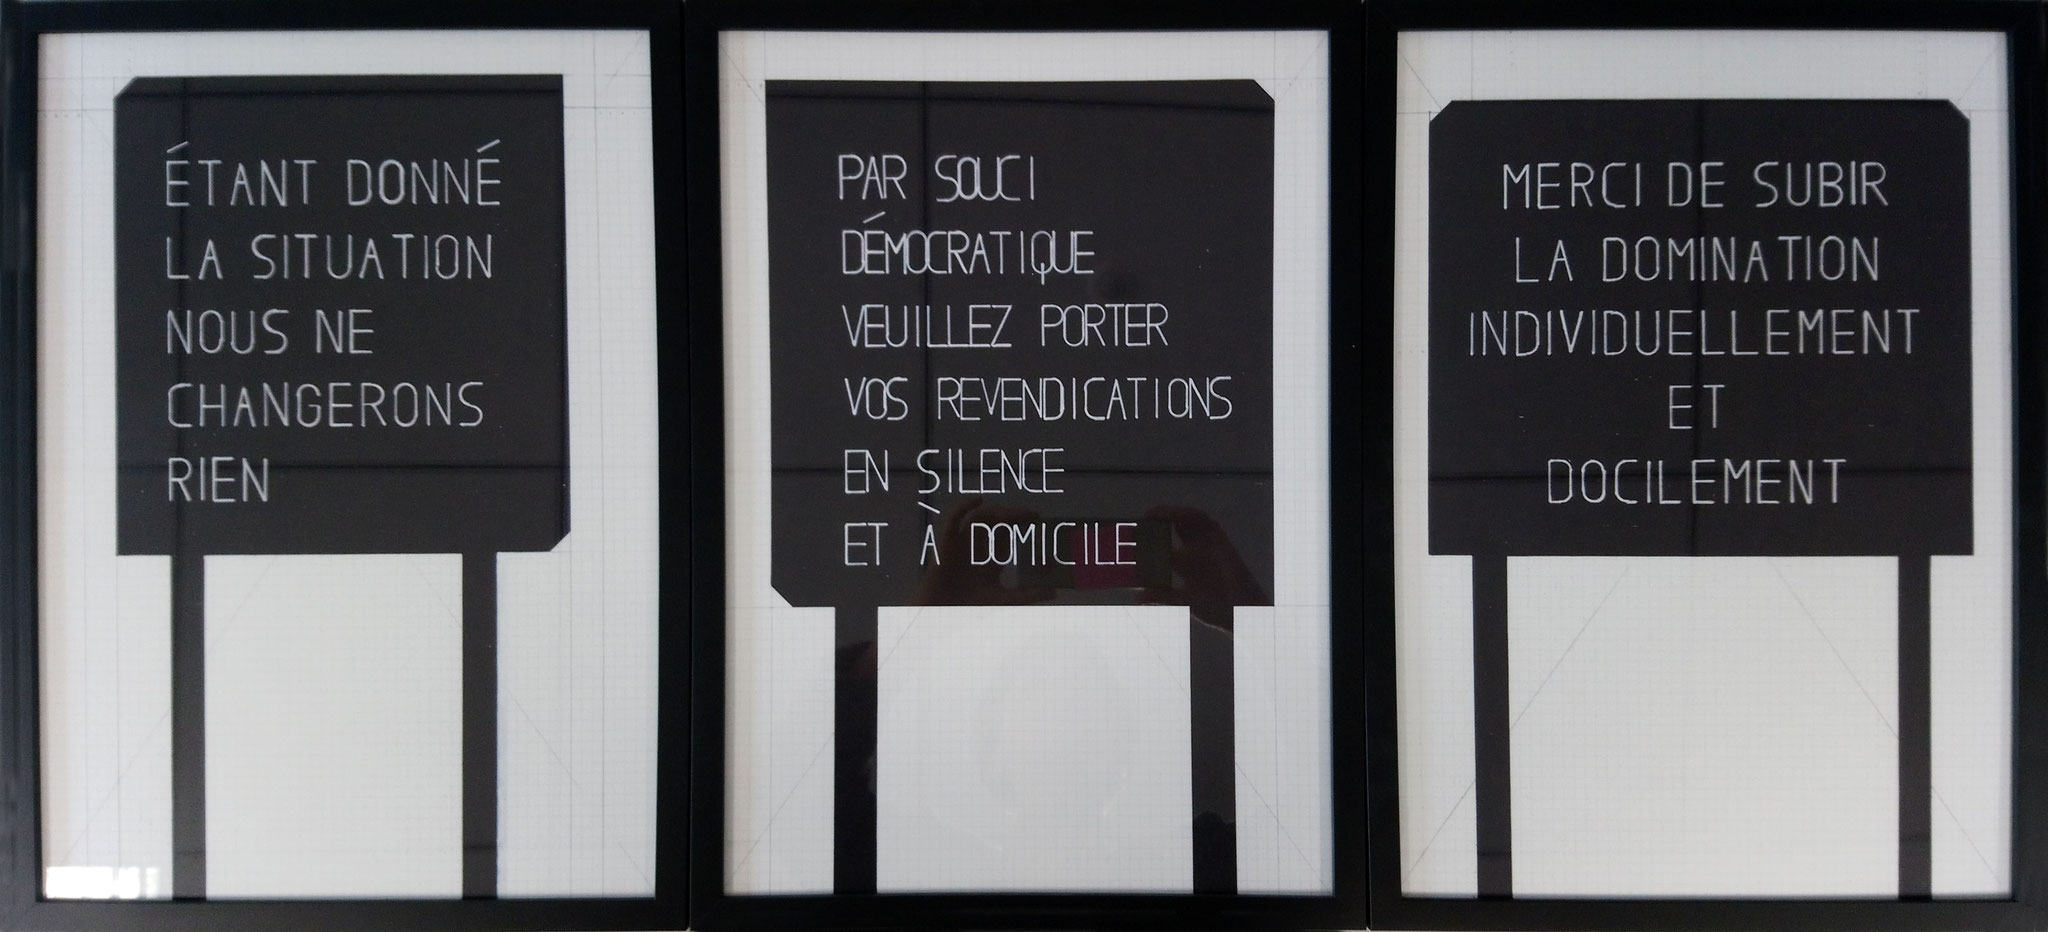 Olivier GARRAUD L'Office du dessin n°149-150-151, 2019 Reproduction de dessins au posca, 42 x 29,7 cm